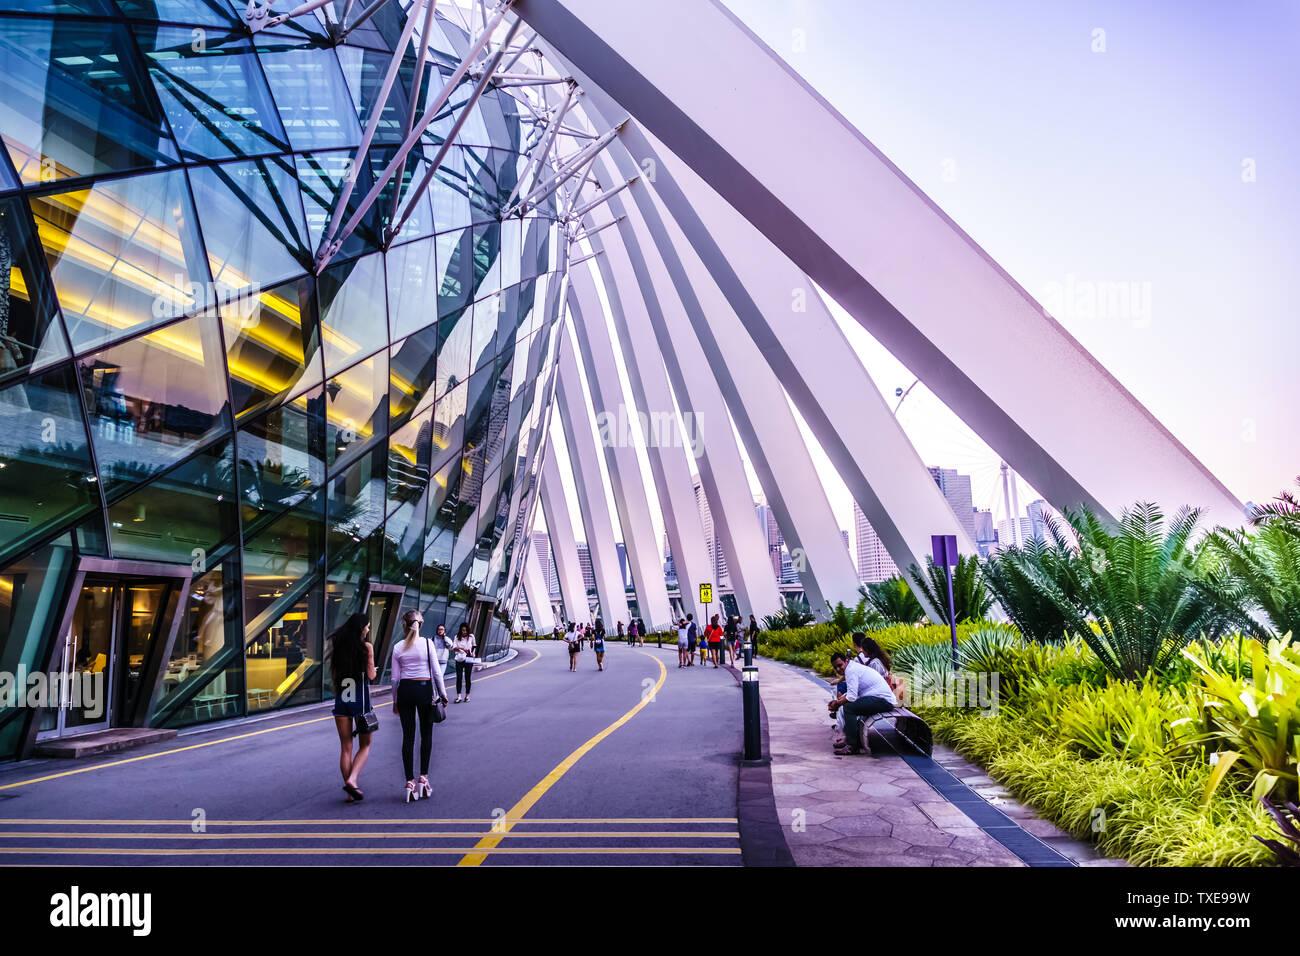 Singapur - Mar 15, 2019: Gärten an der Bucht, Flow Kuppel Architektur bietet. Stockfoto